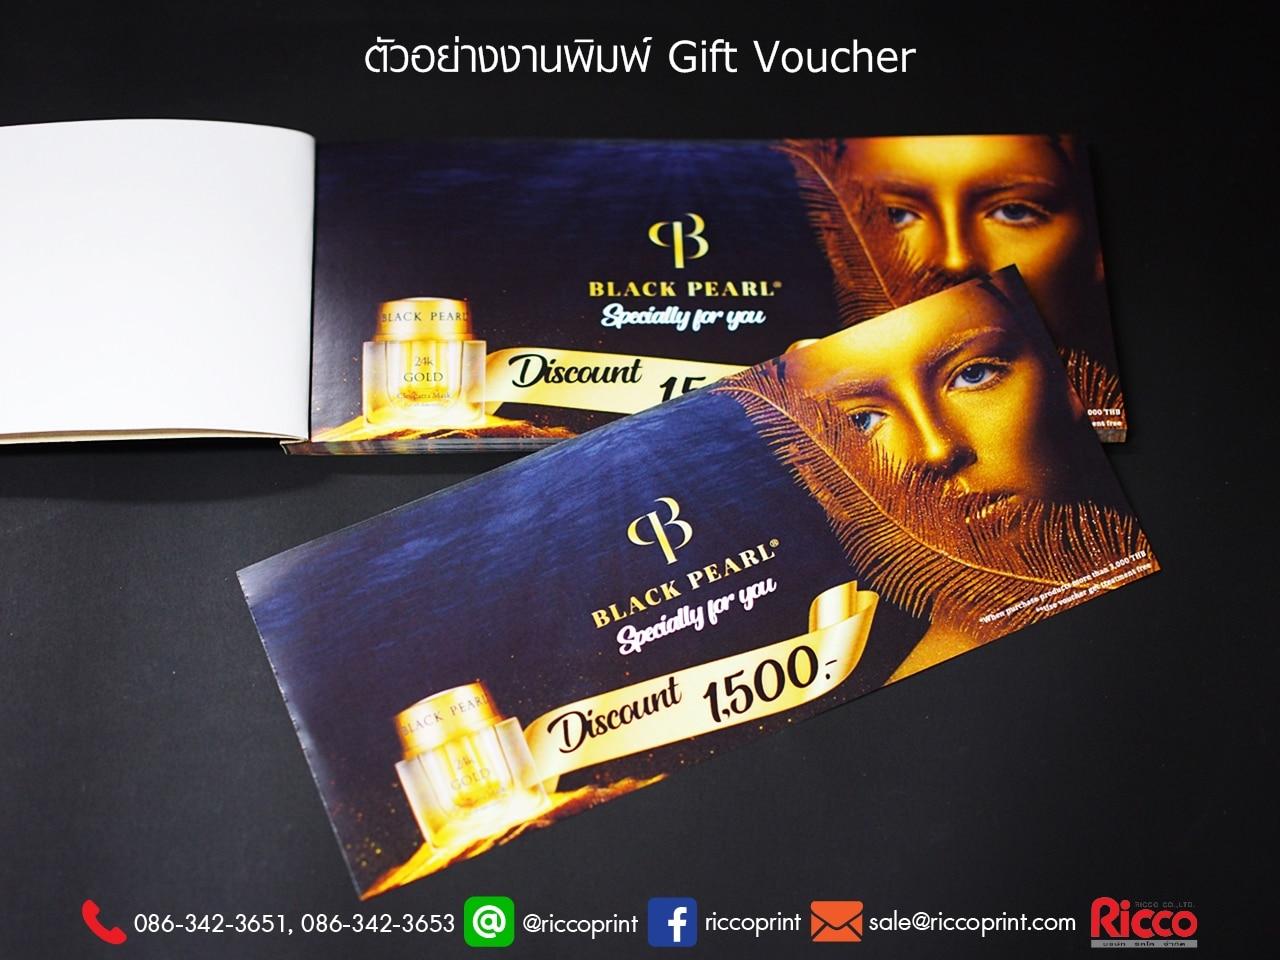 รูป Coupon Gift Voucher 2020 BlackPearl2 - ประกอบเนื้อหา คูปอง บัตรกำนัล ตั๋ว